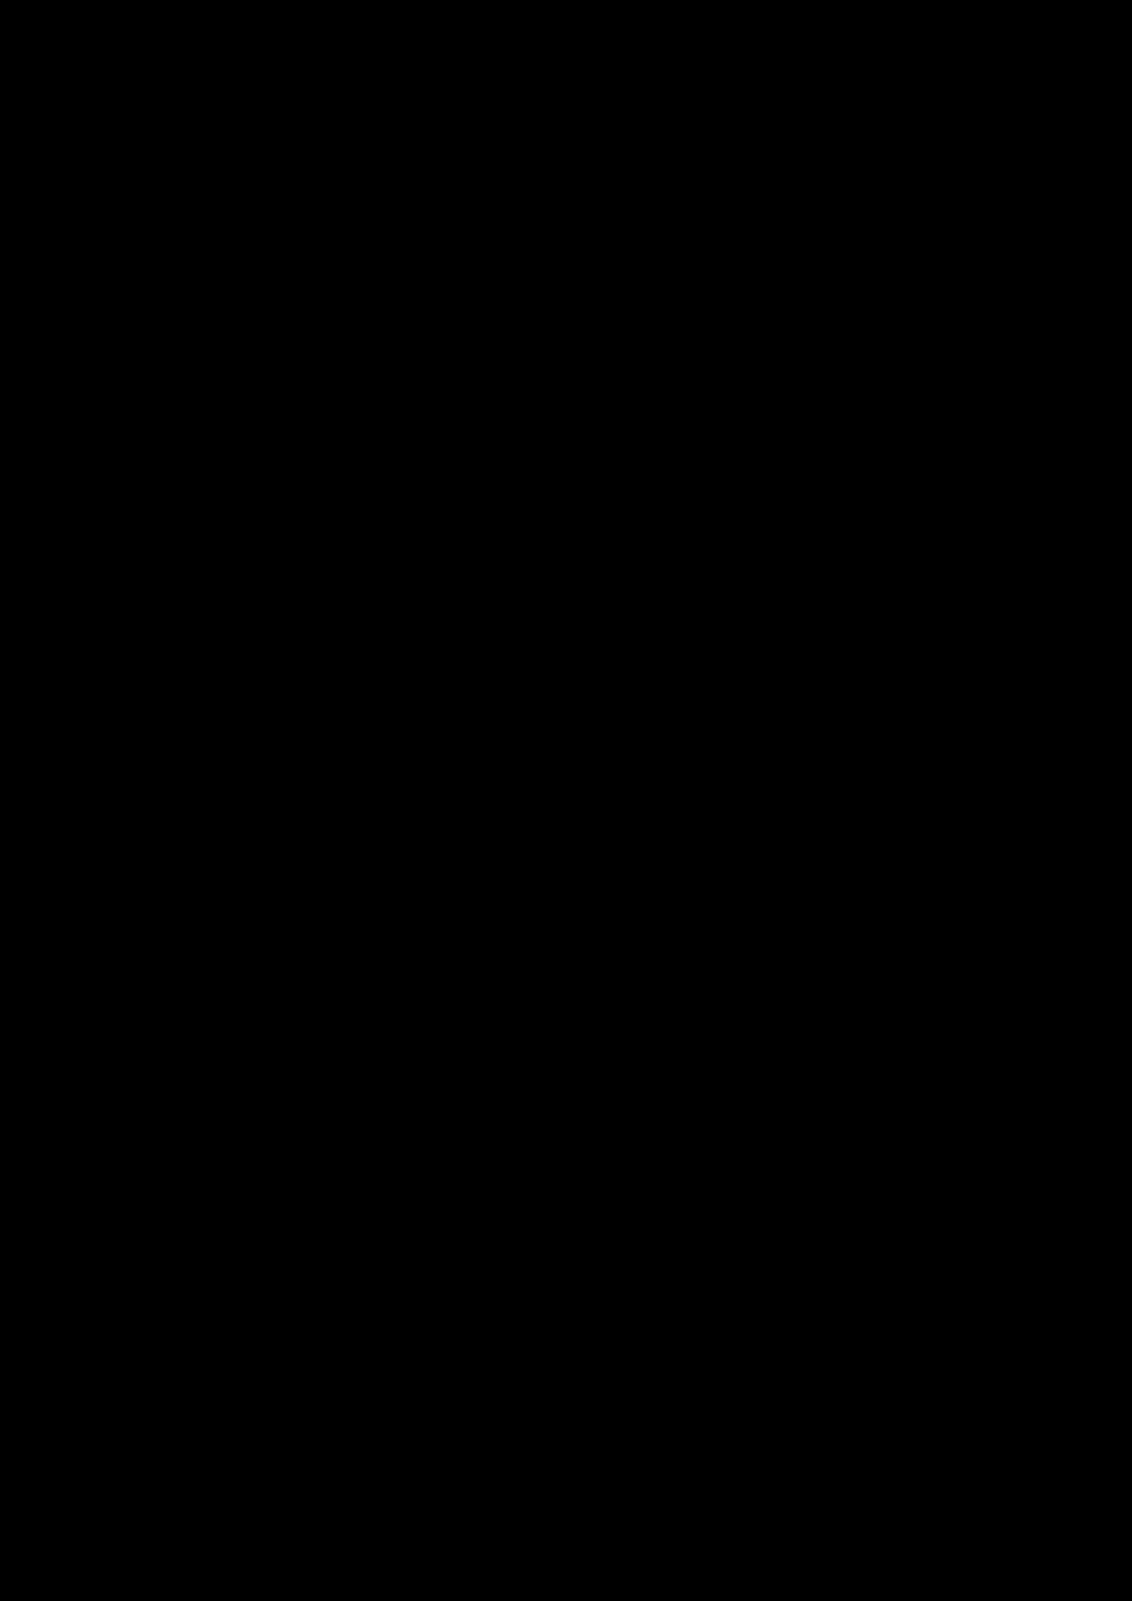 Zagadka volshebnoy stranyi slide, Image 32